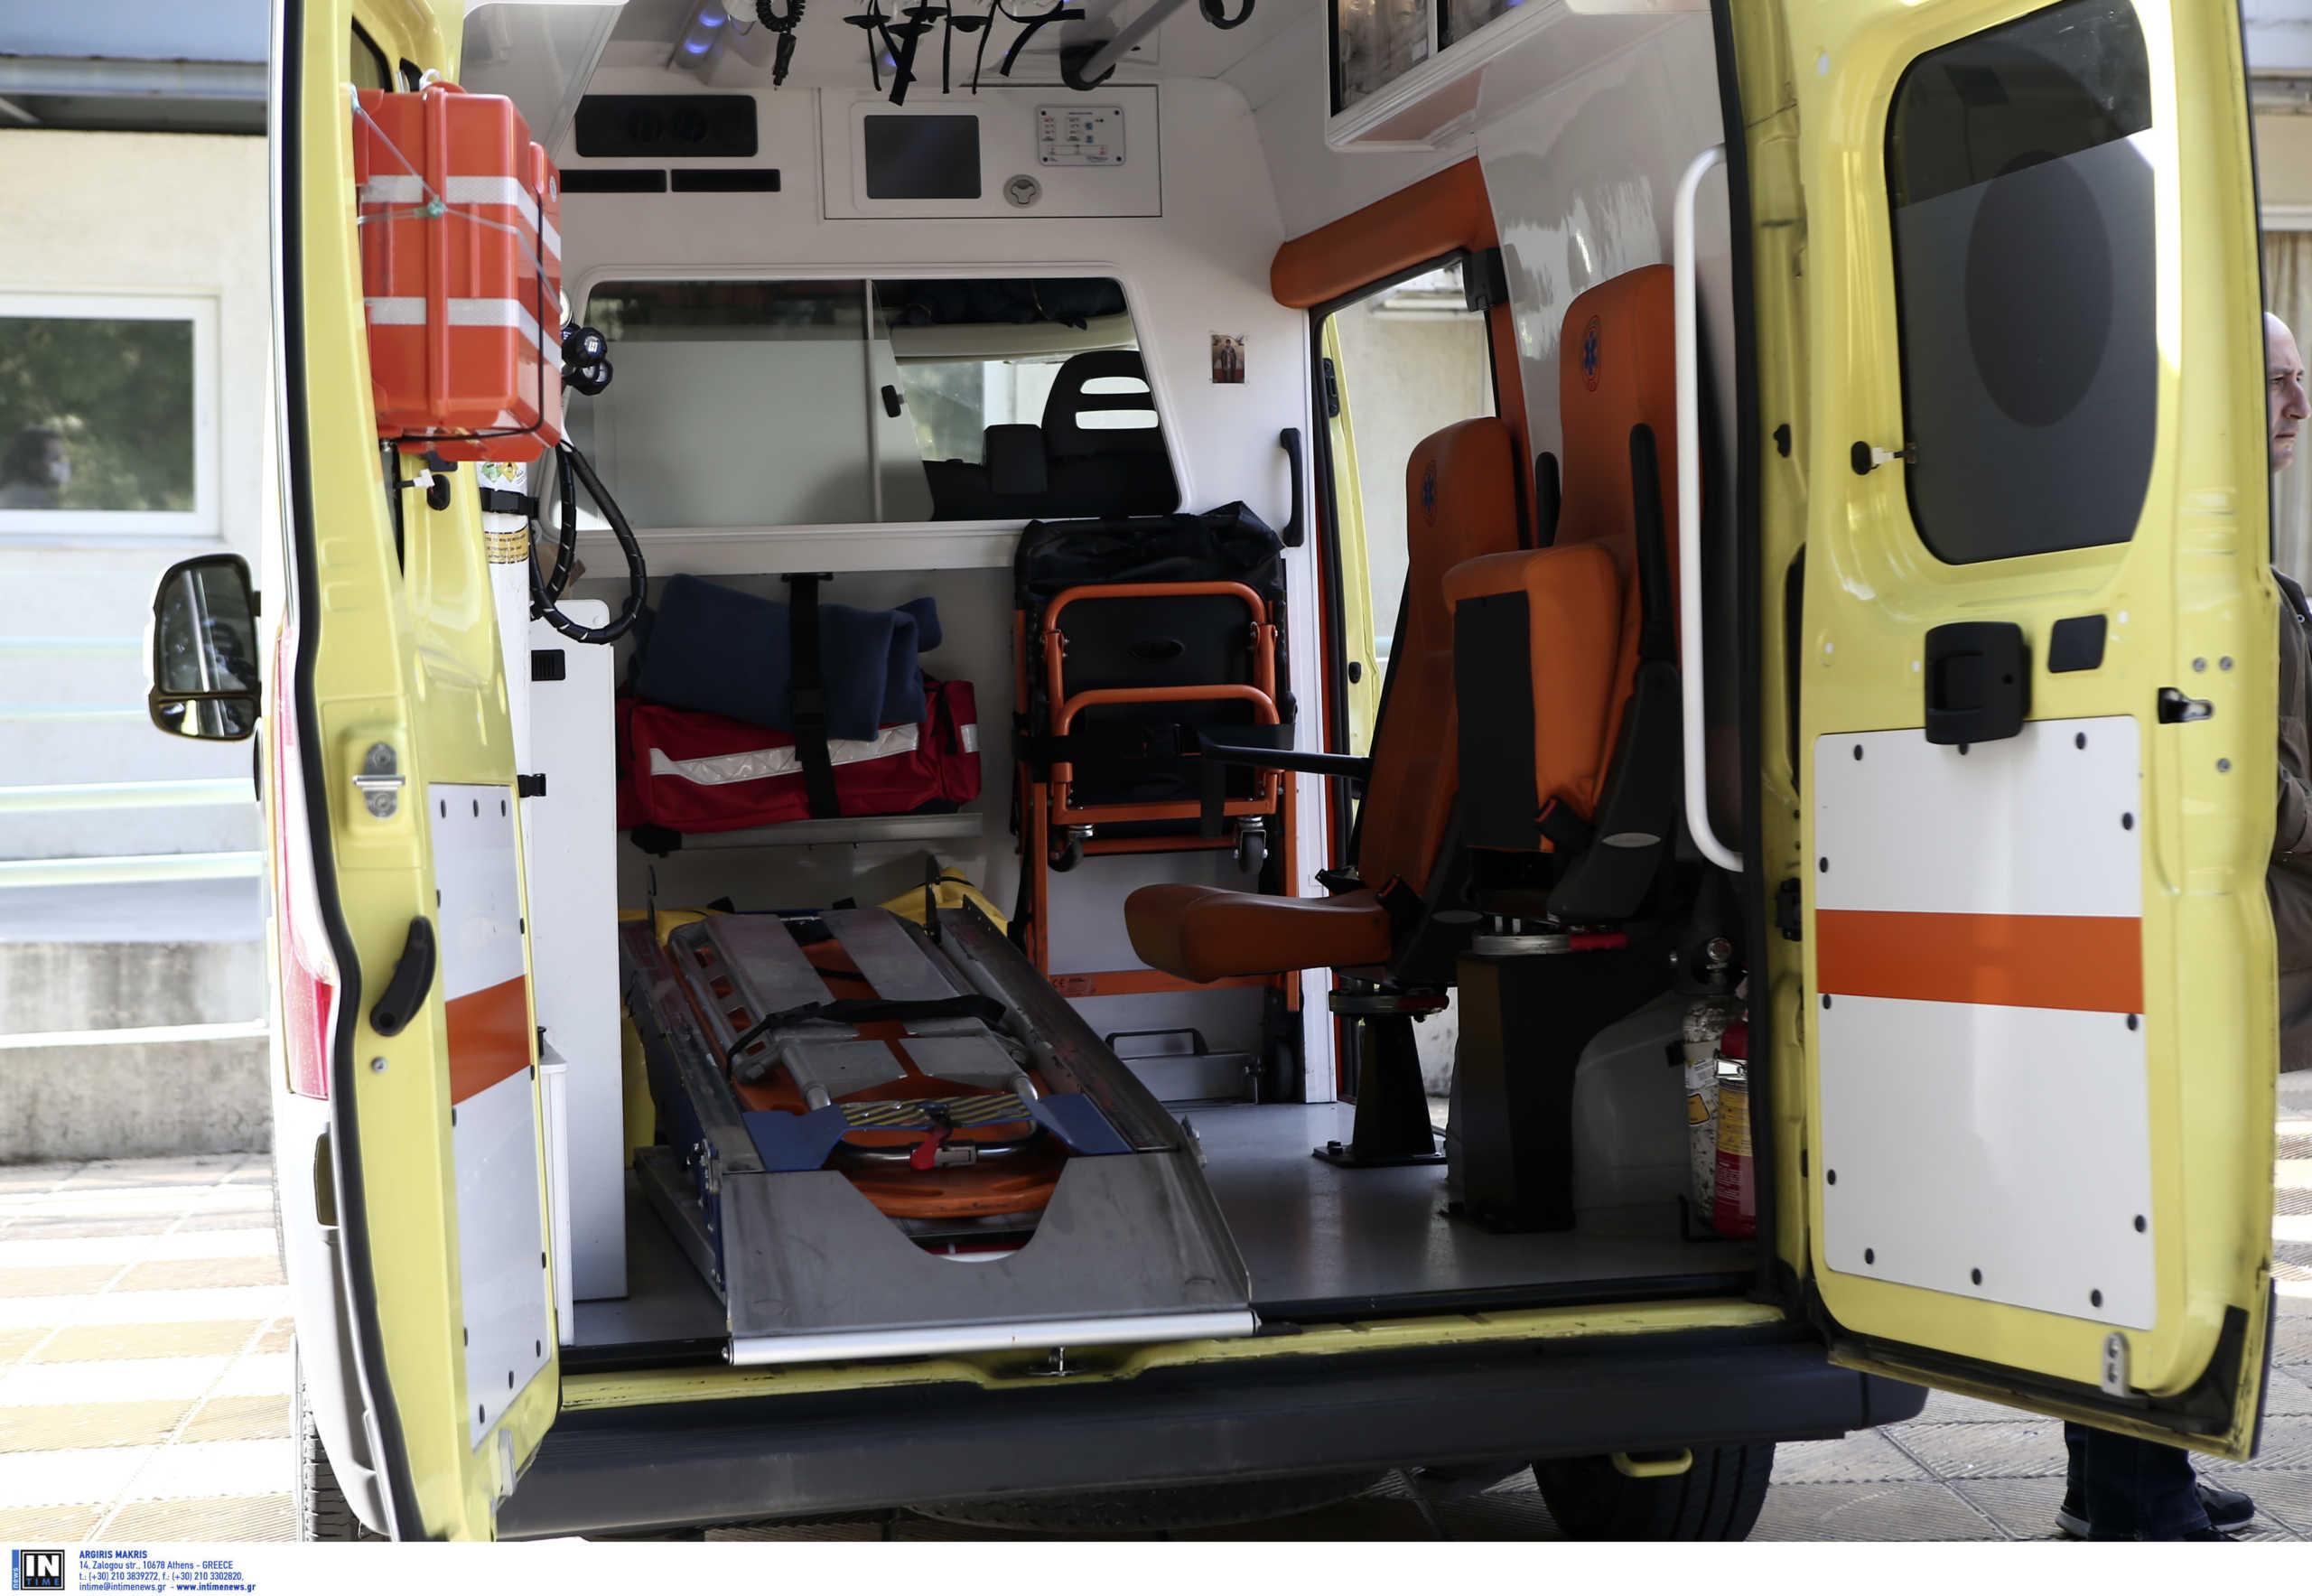 Μαγνησία: Μάχη για να σωθεί ο 52χρονος που προσπάθησε να τινάξει τα μυαλά του στον αέρα – Οι σκηνές πανικού